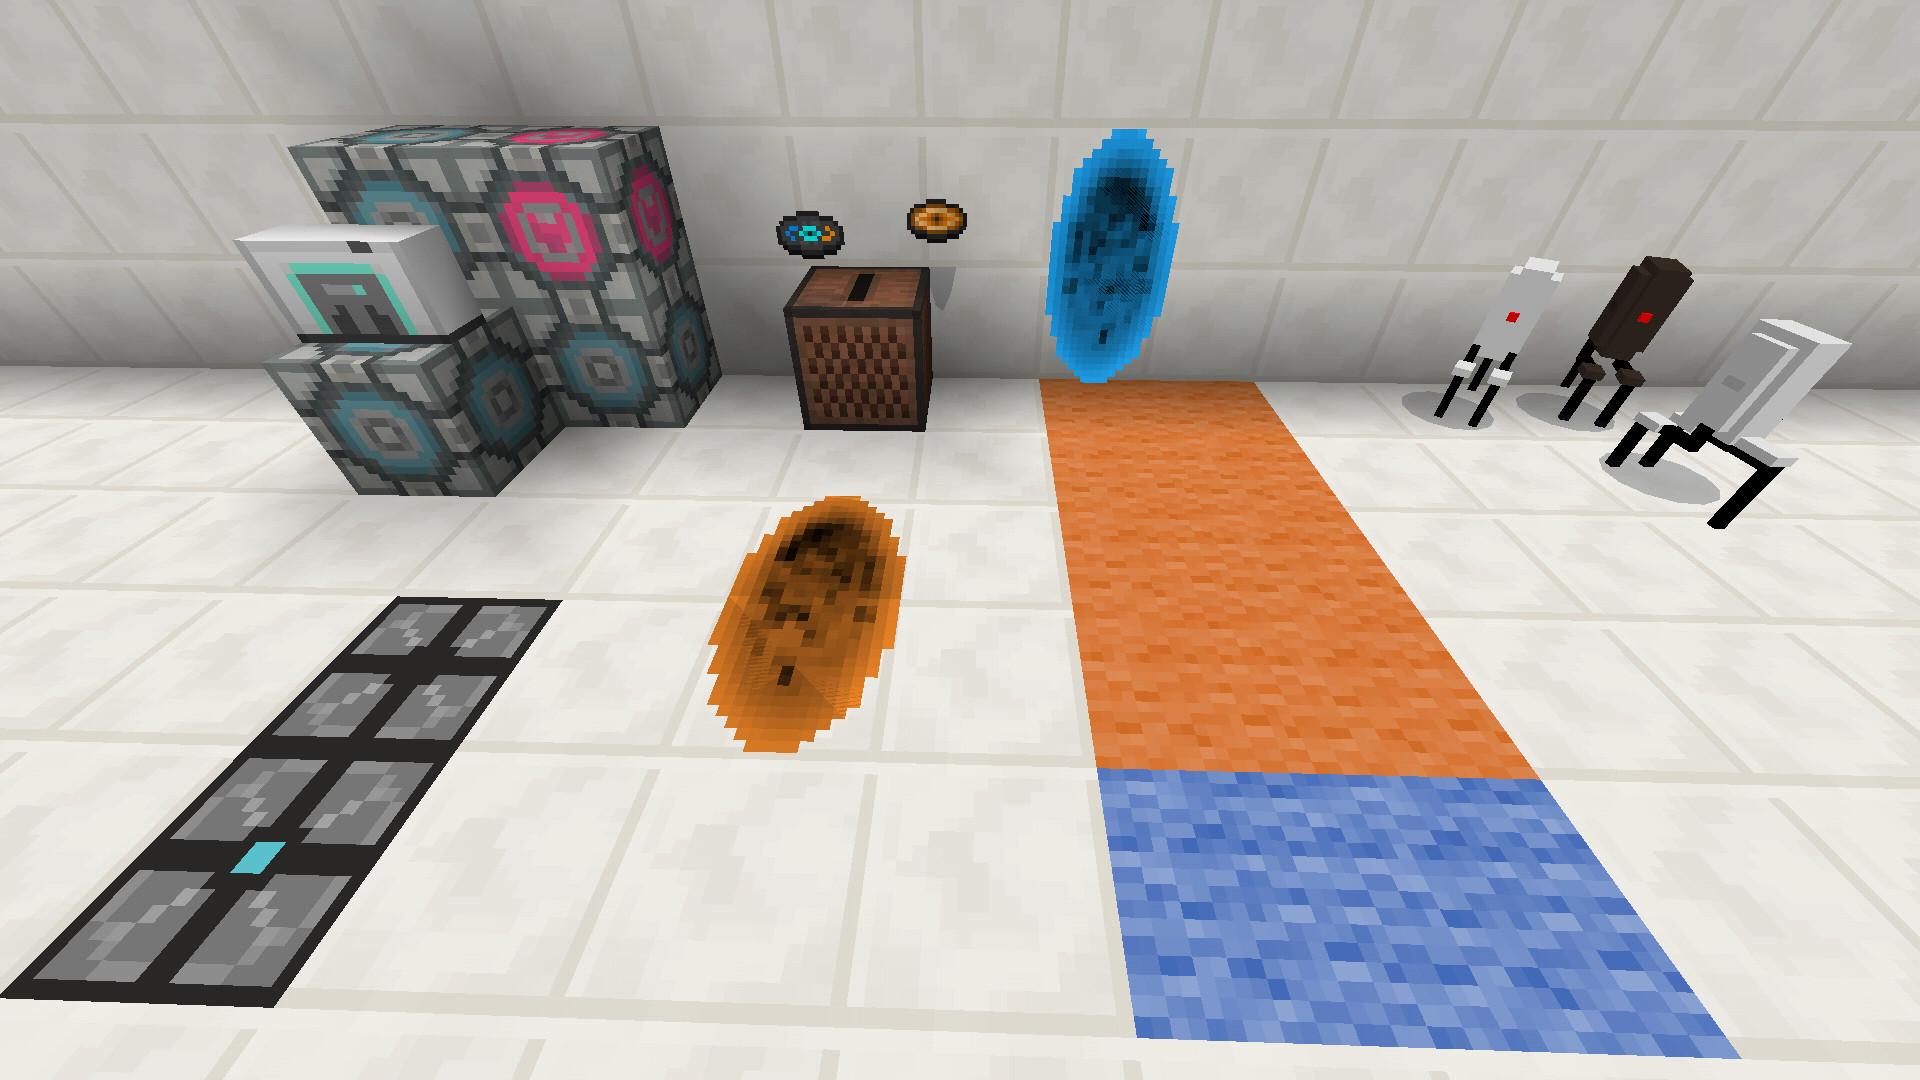 MOD] Portal 2 Mod | Portal Gun | r015 | by Desno365 - MCPE